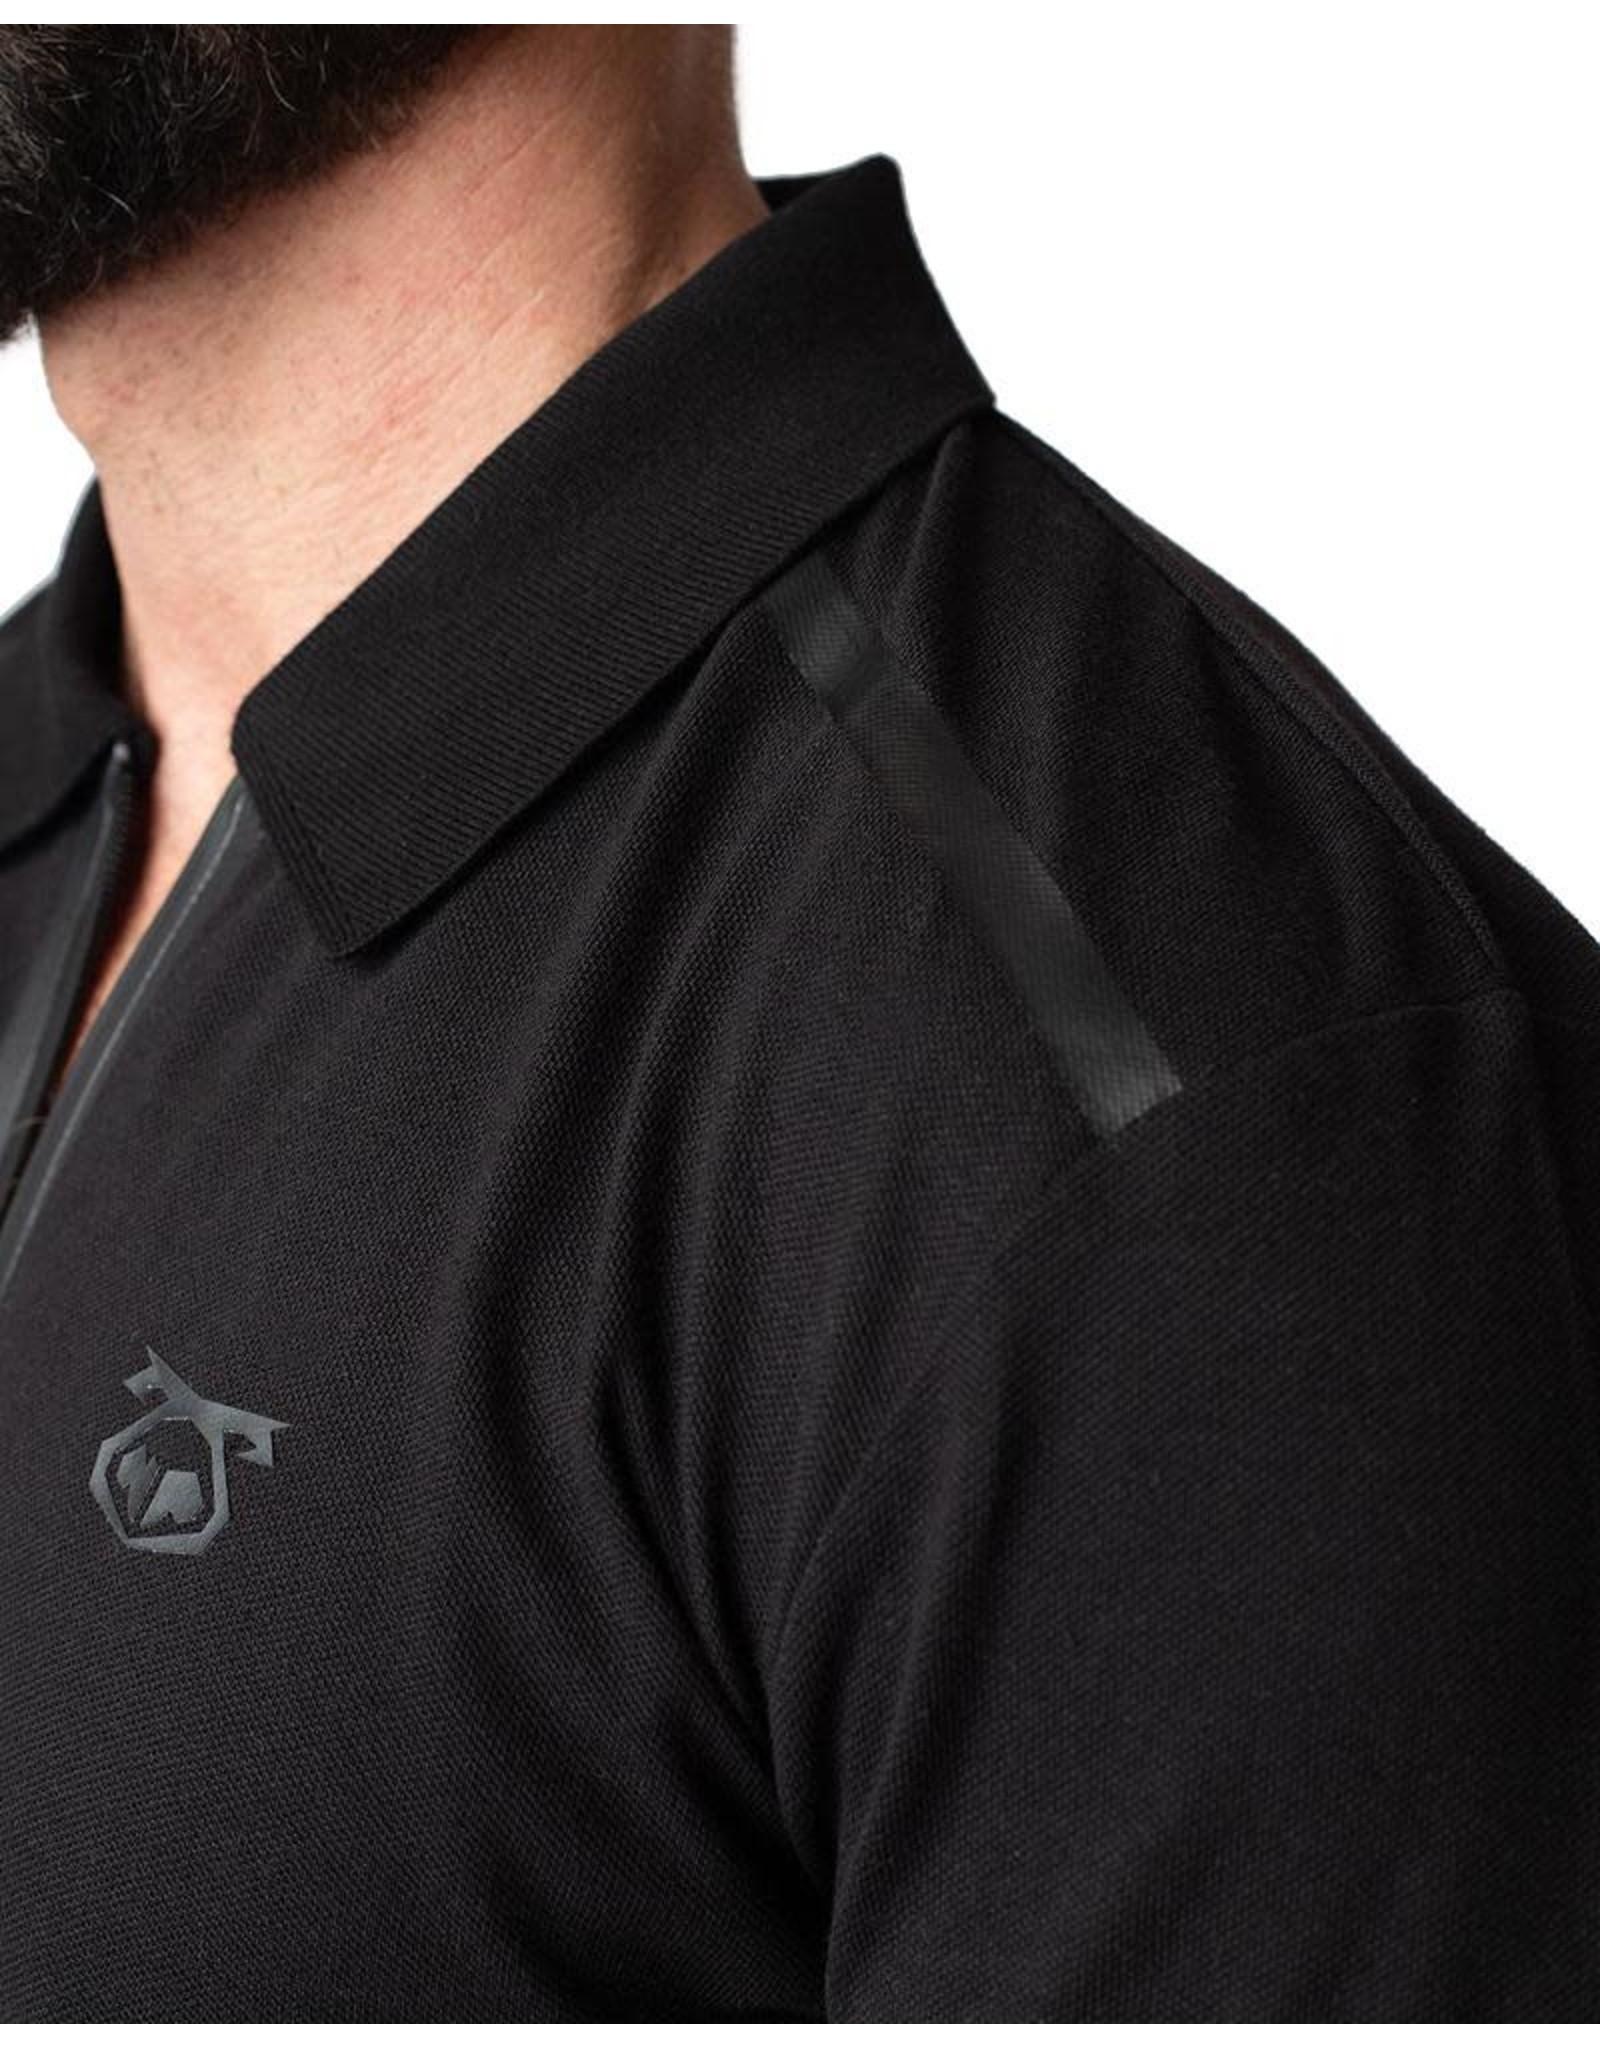 Nasty Pig Nasty Pig Core Polo Shirt